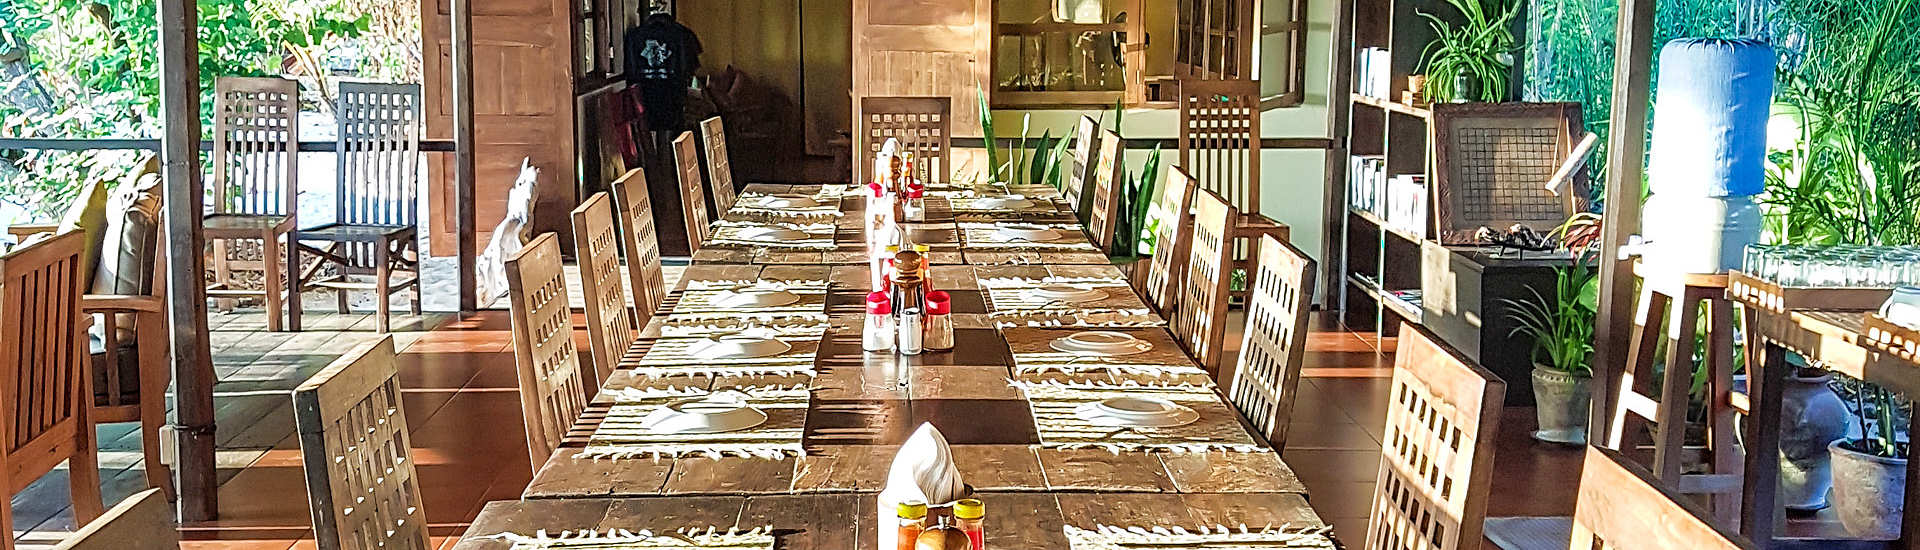 Offenes Restaurant der Alor-Divers